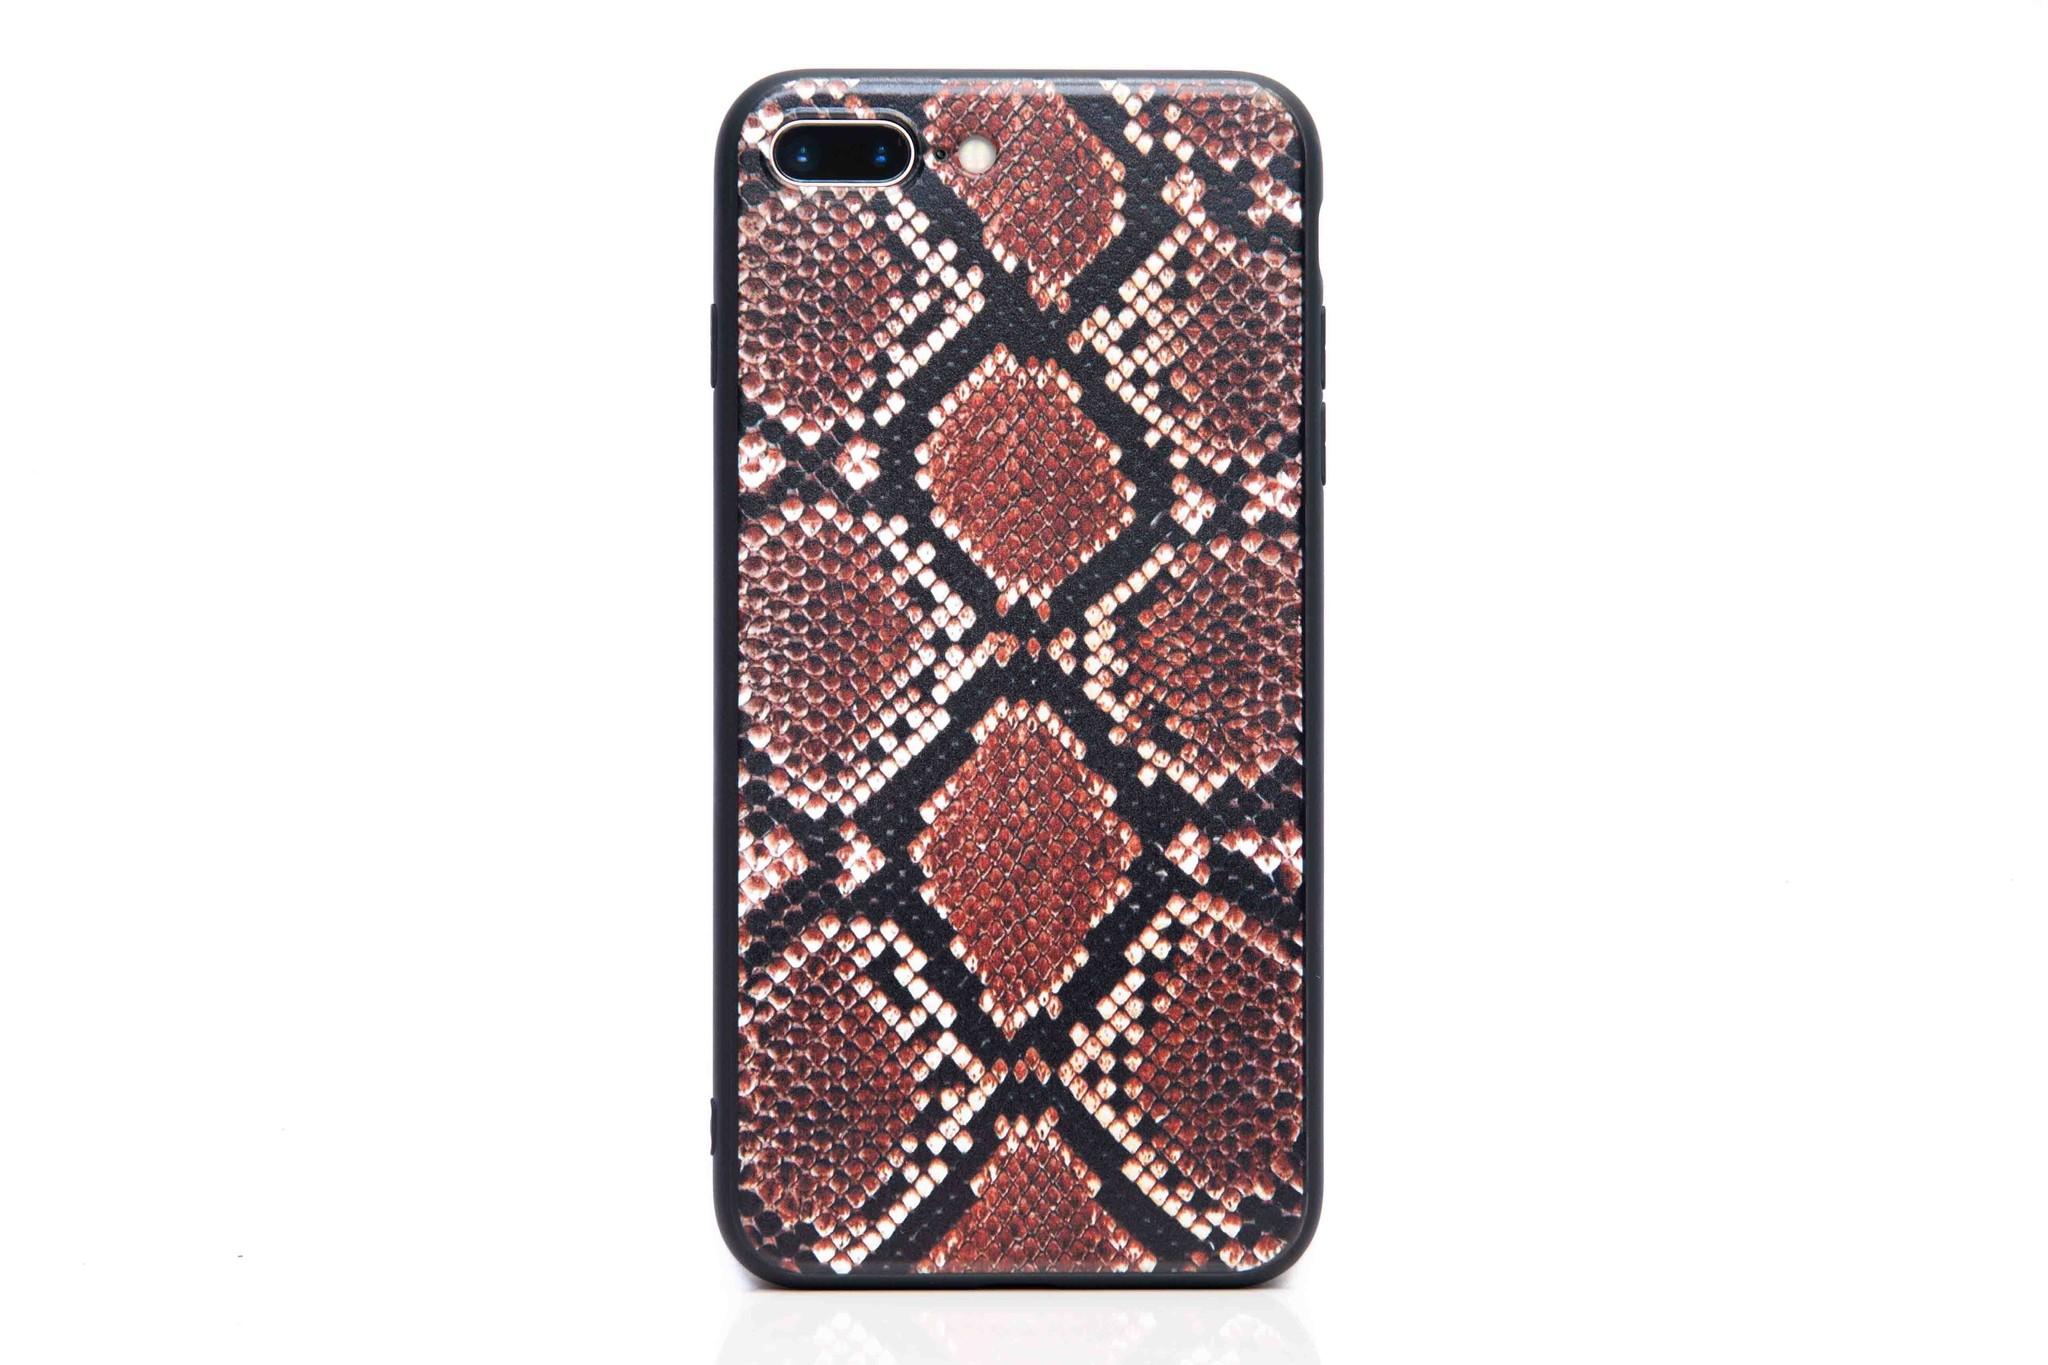 Smartphonehoesje iPhone 6 plus | Dierenprint slang | Zwart / bruin